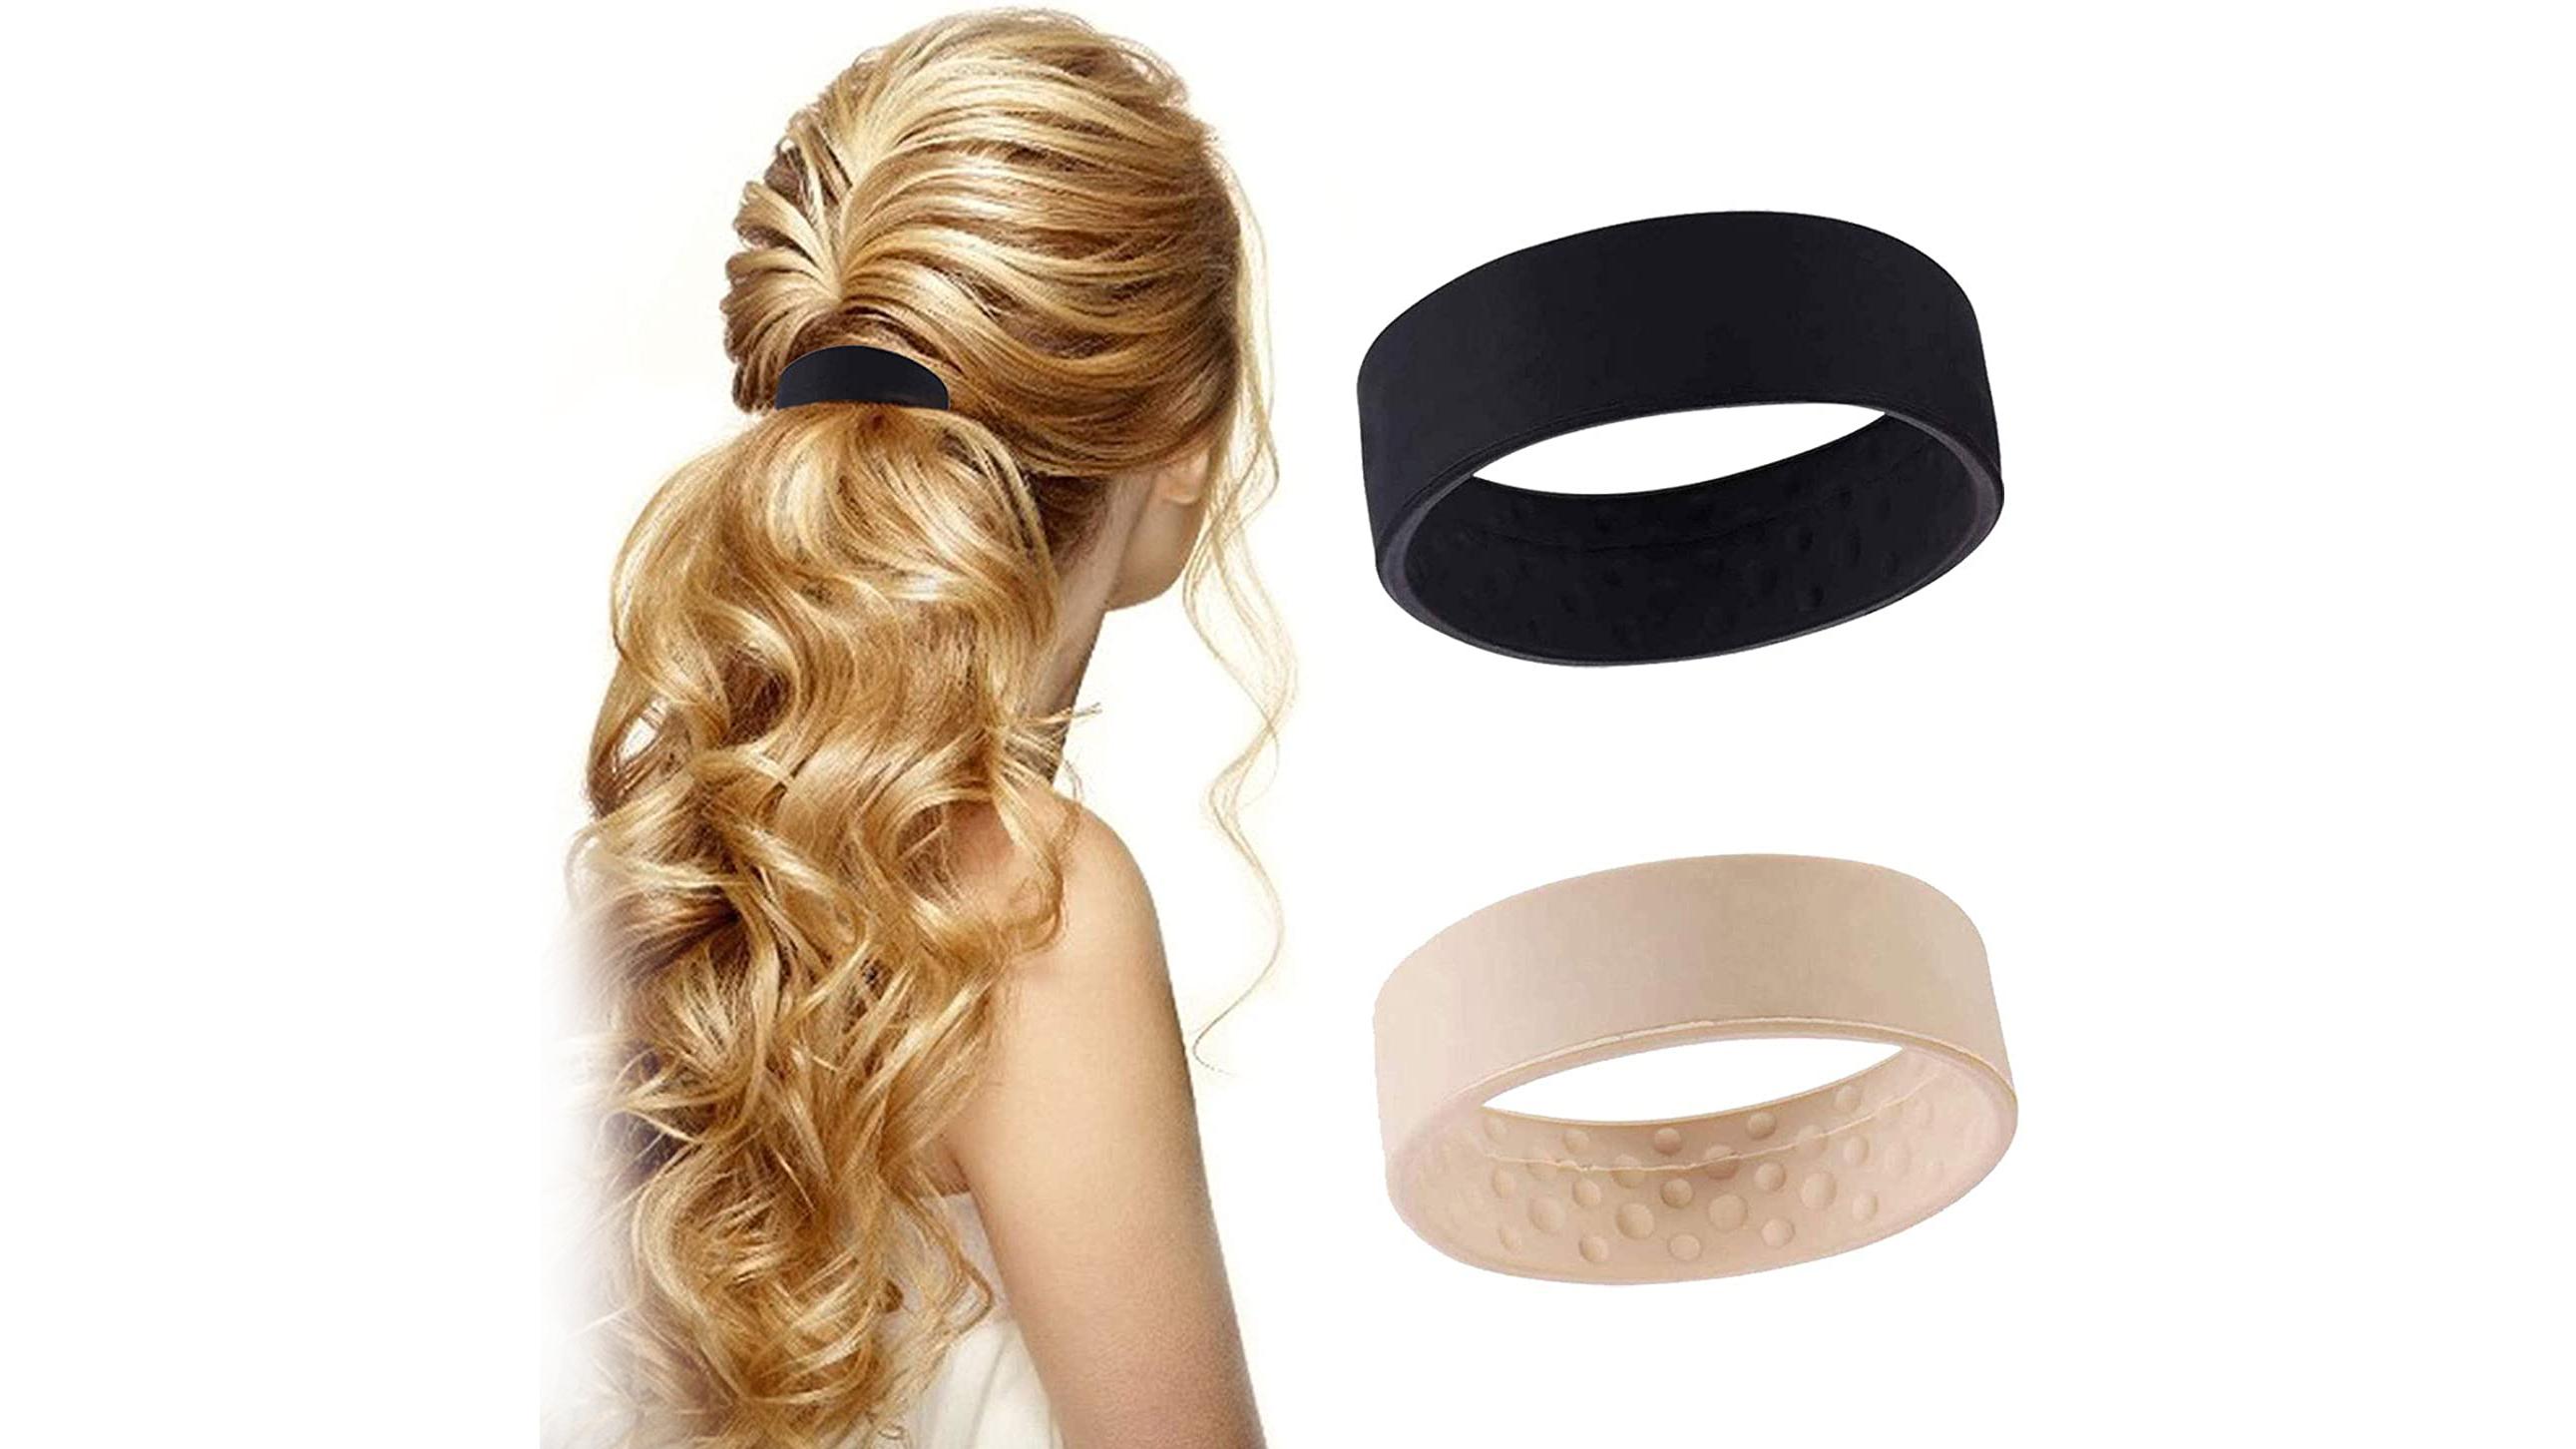 Multifunktions Pferdeschwanz Krawatte Zubehör Silikon Elastische Haarbänder für Frauen Hair Band Seile Ring DH-Silikon